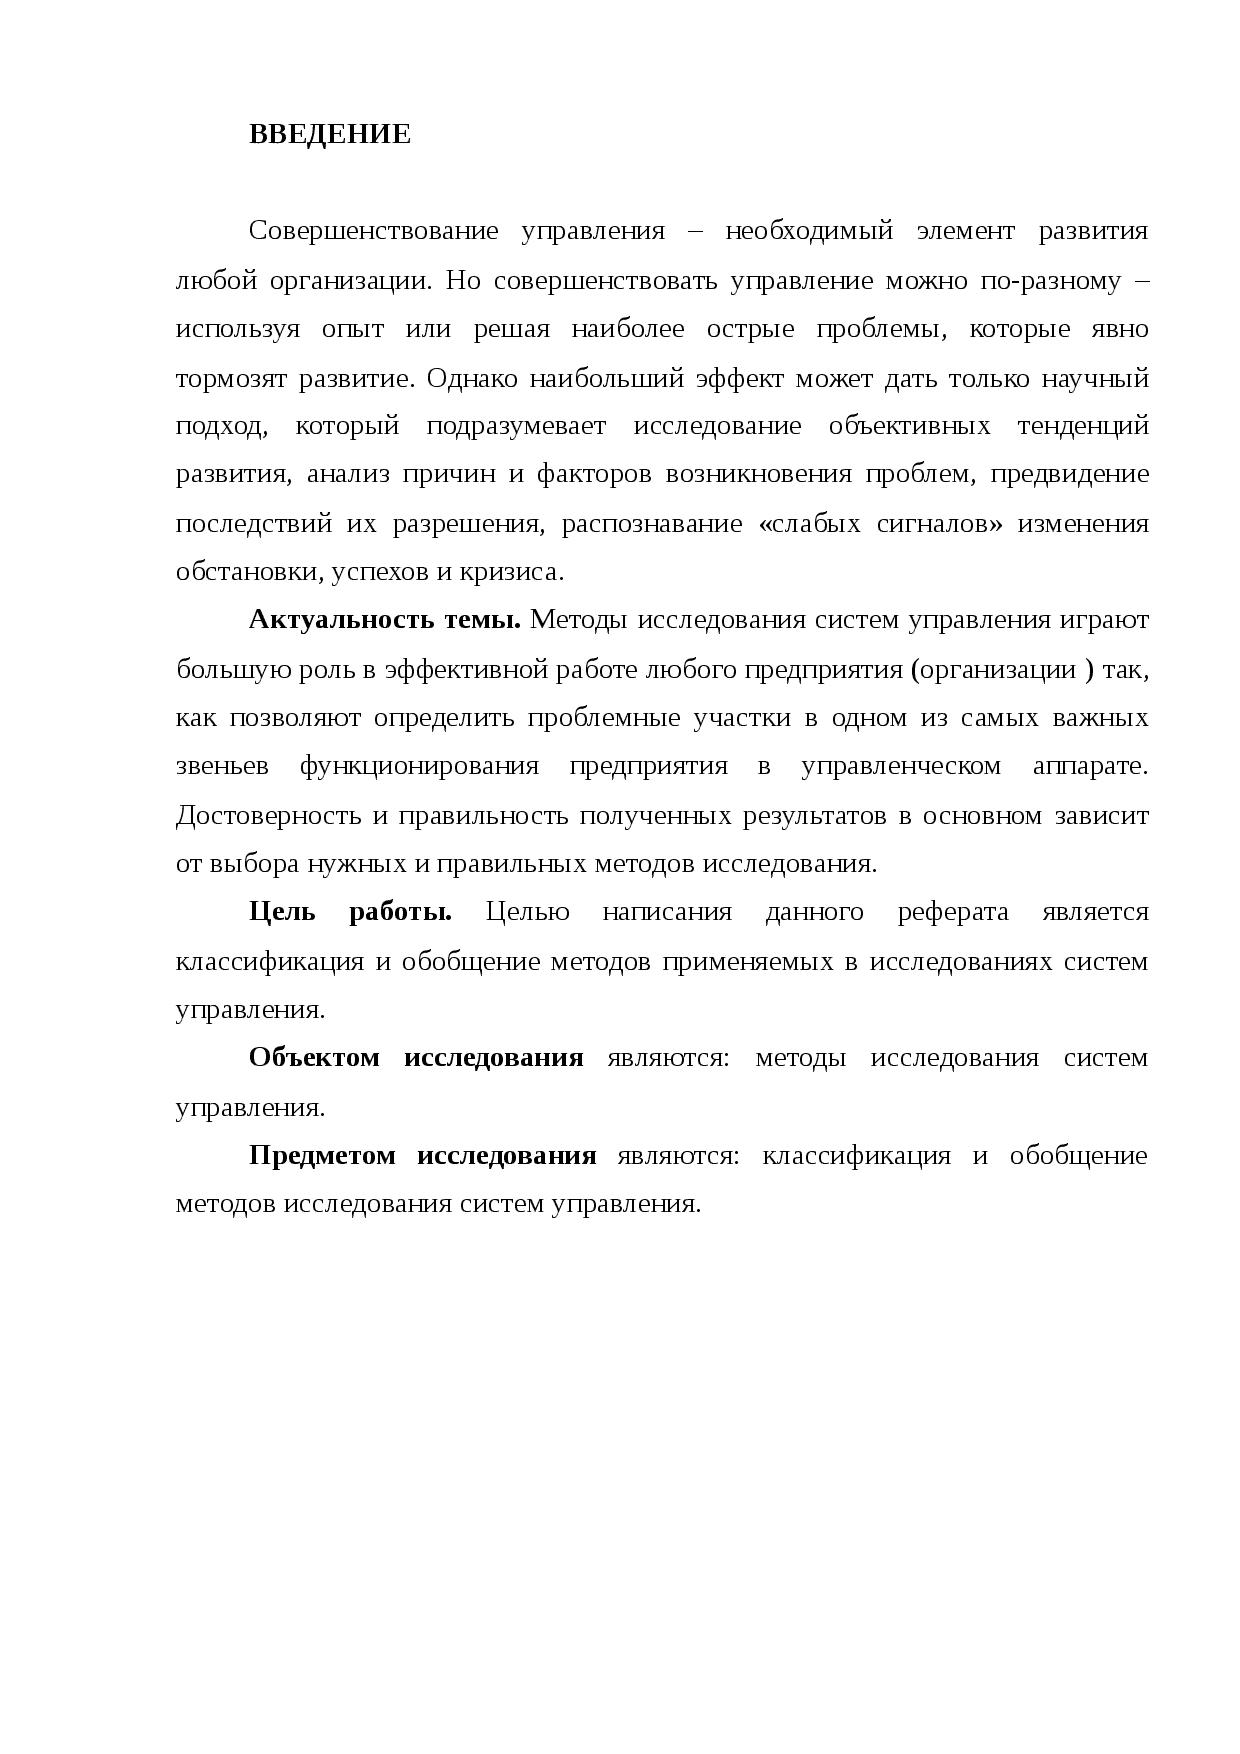 Методологические подходы в научном исследовании